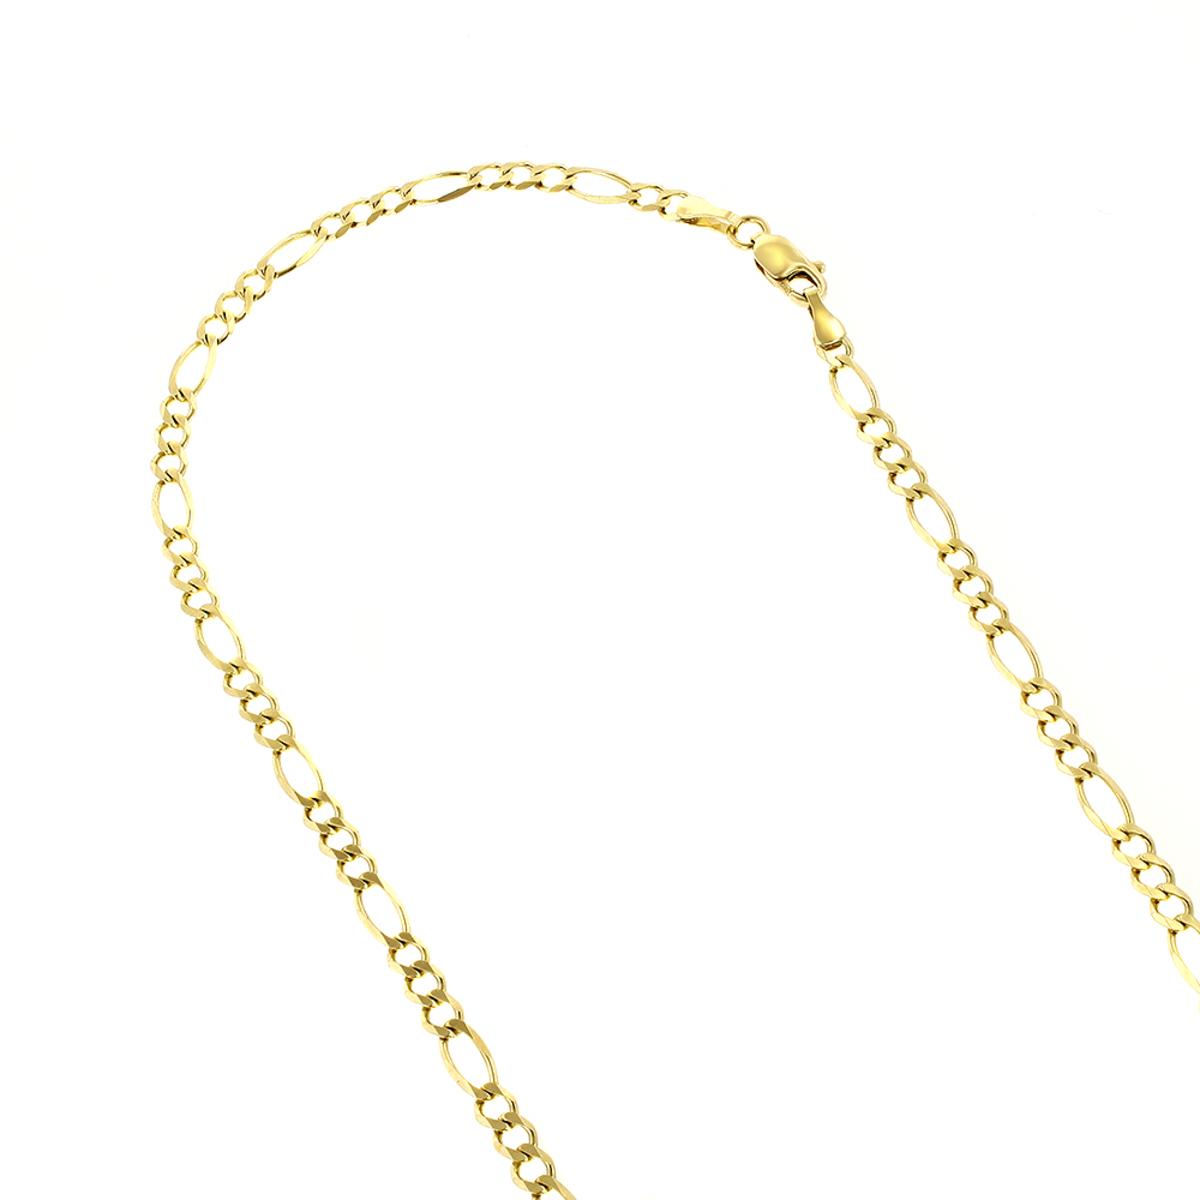 LUXURMAN Solid 14k Gold Figaro Chain For Men & Women 2.8mm Wide